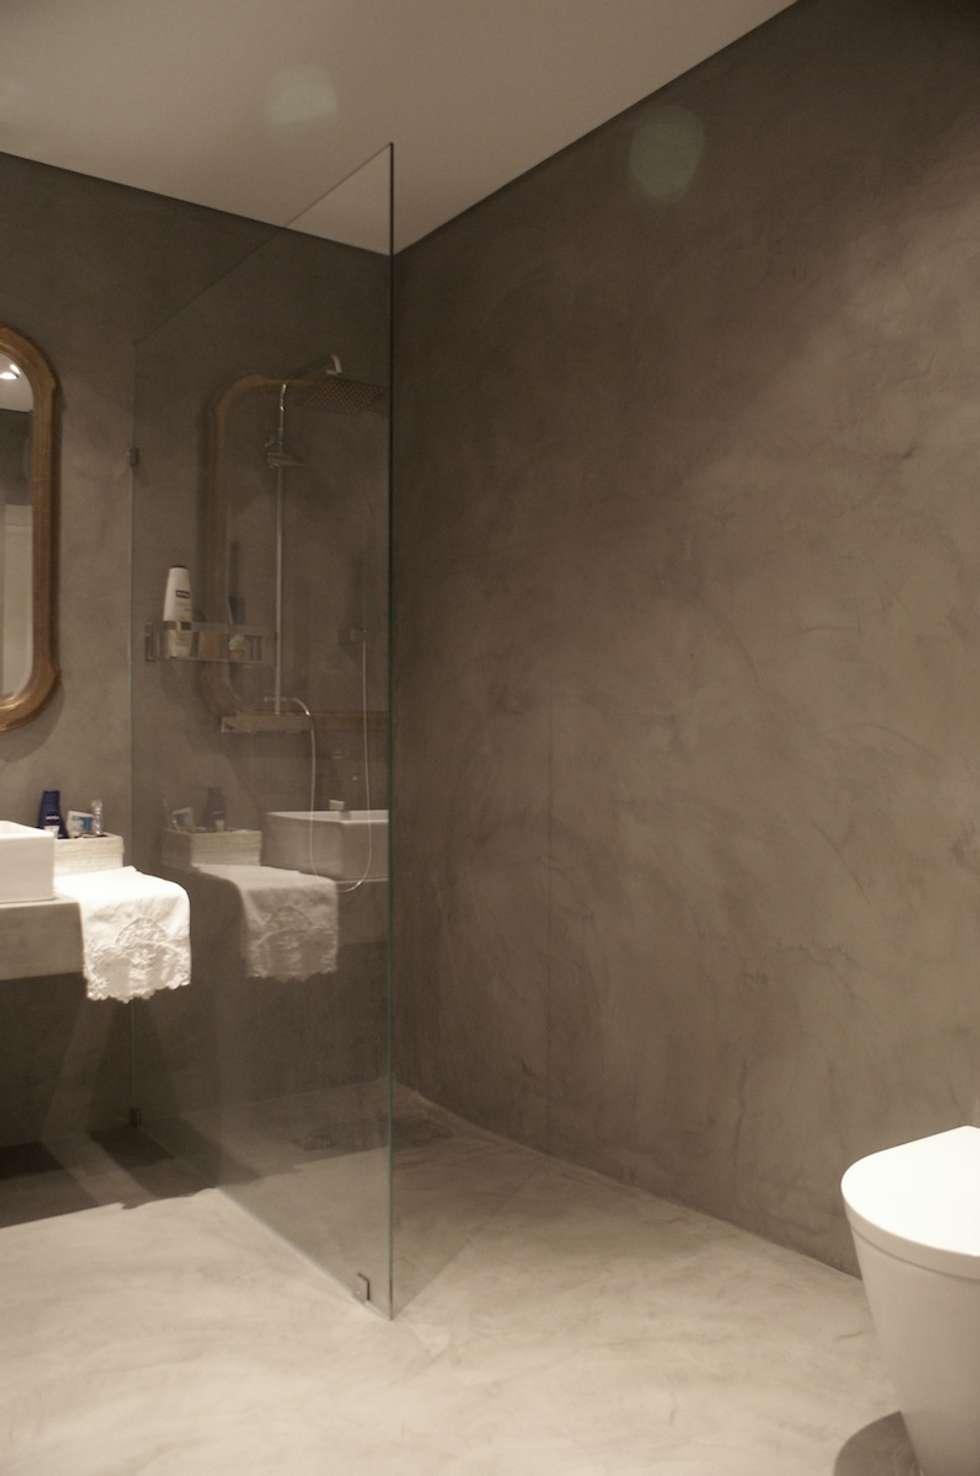 Fotos de decora o design de interiores e remodela es - Cm arquitectos ...